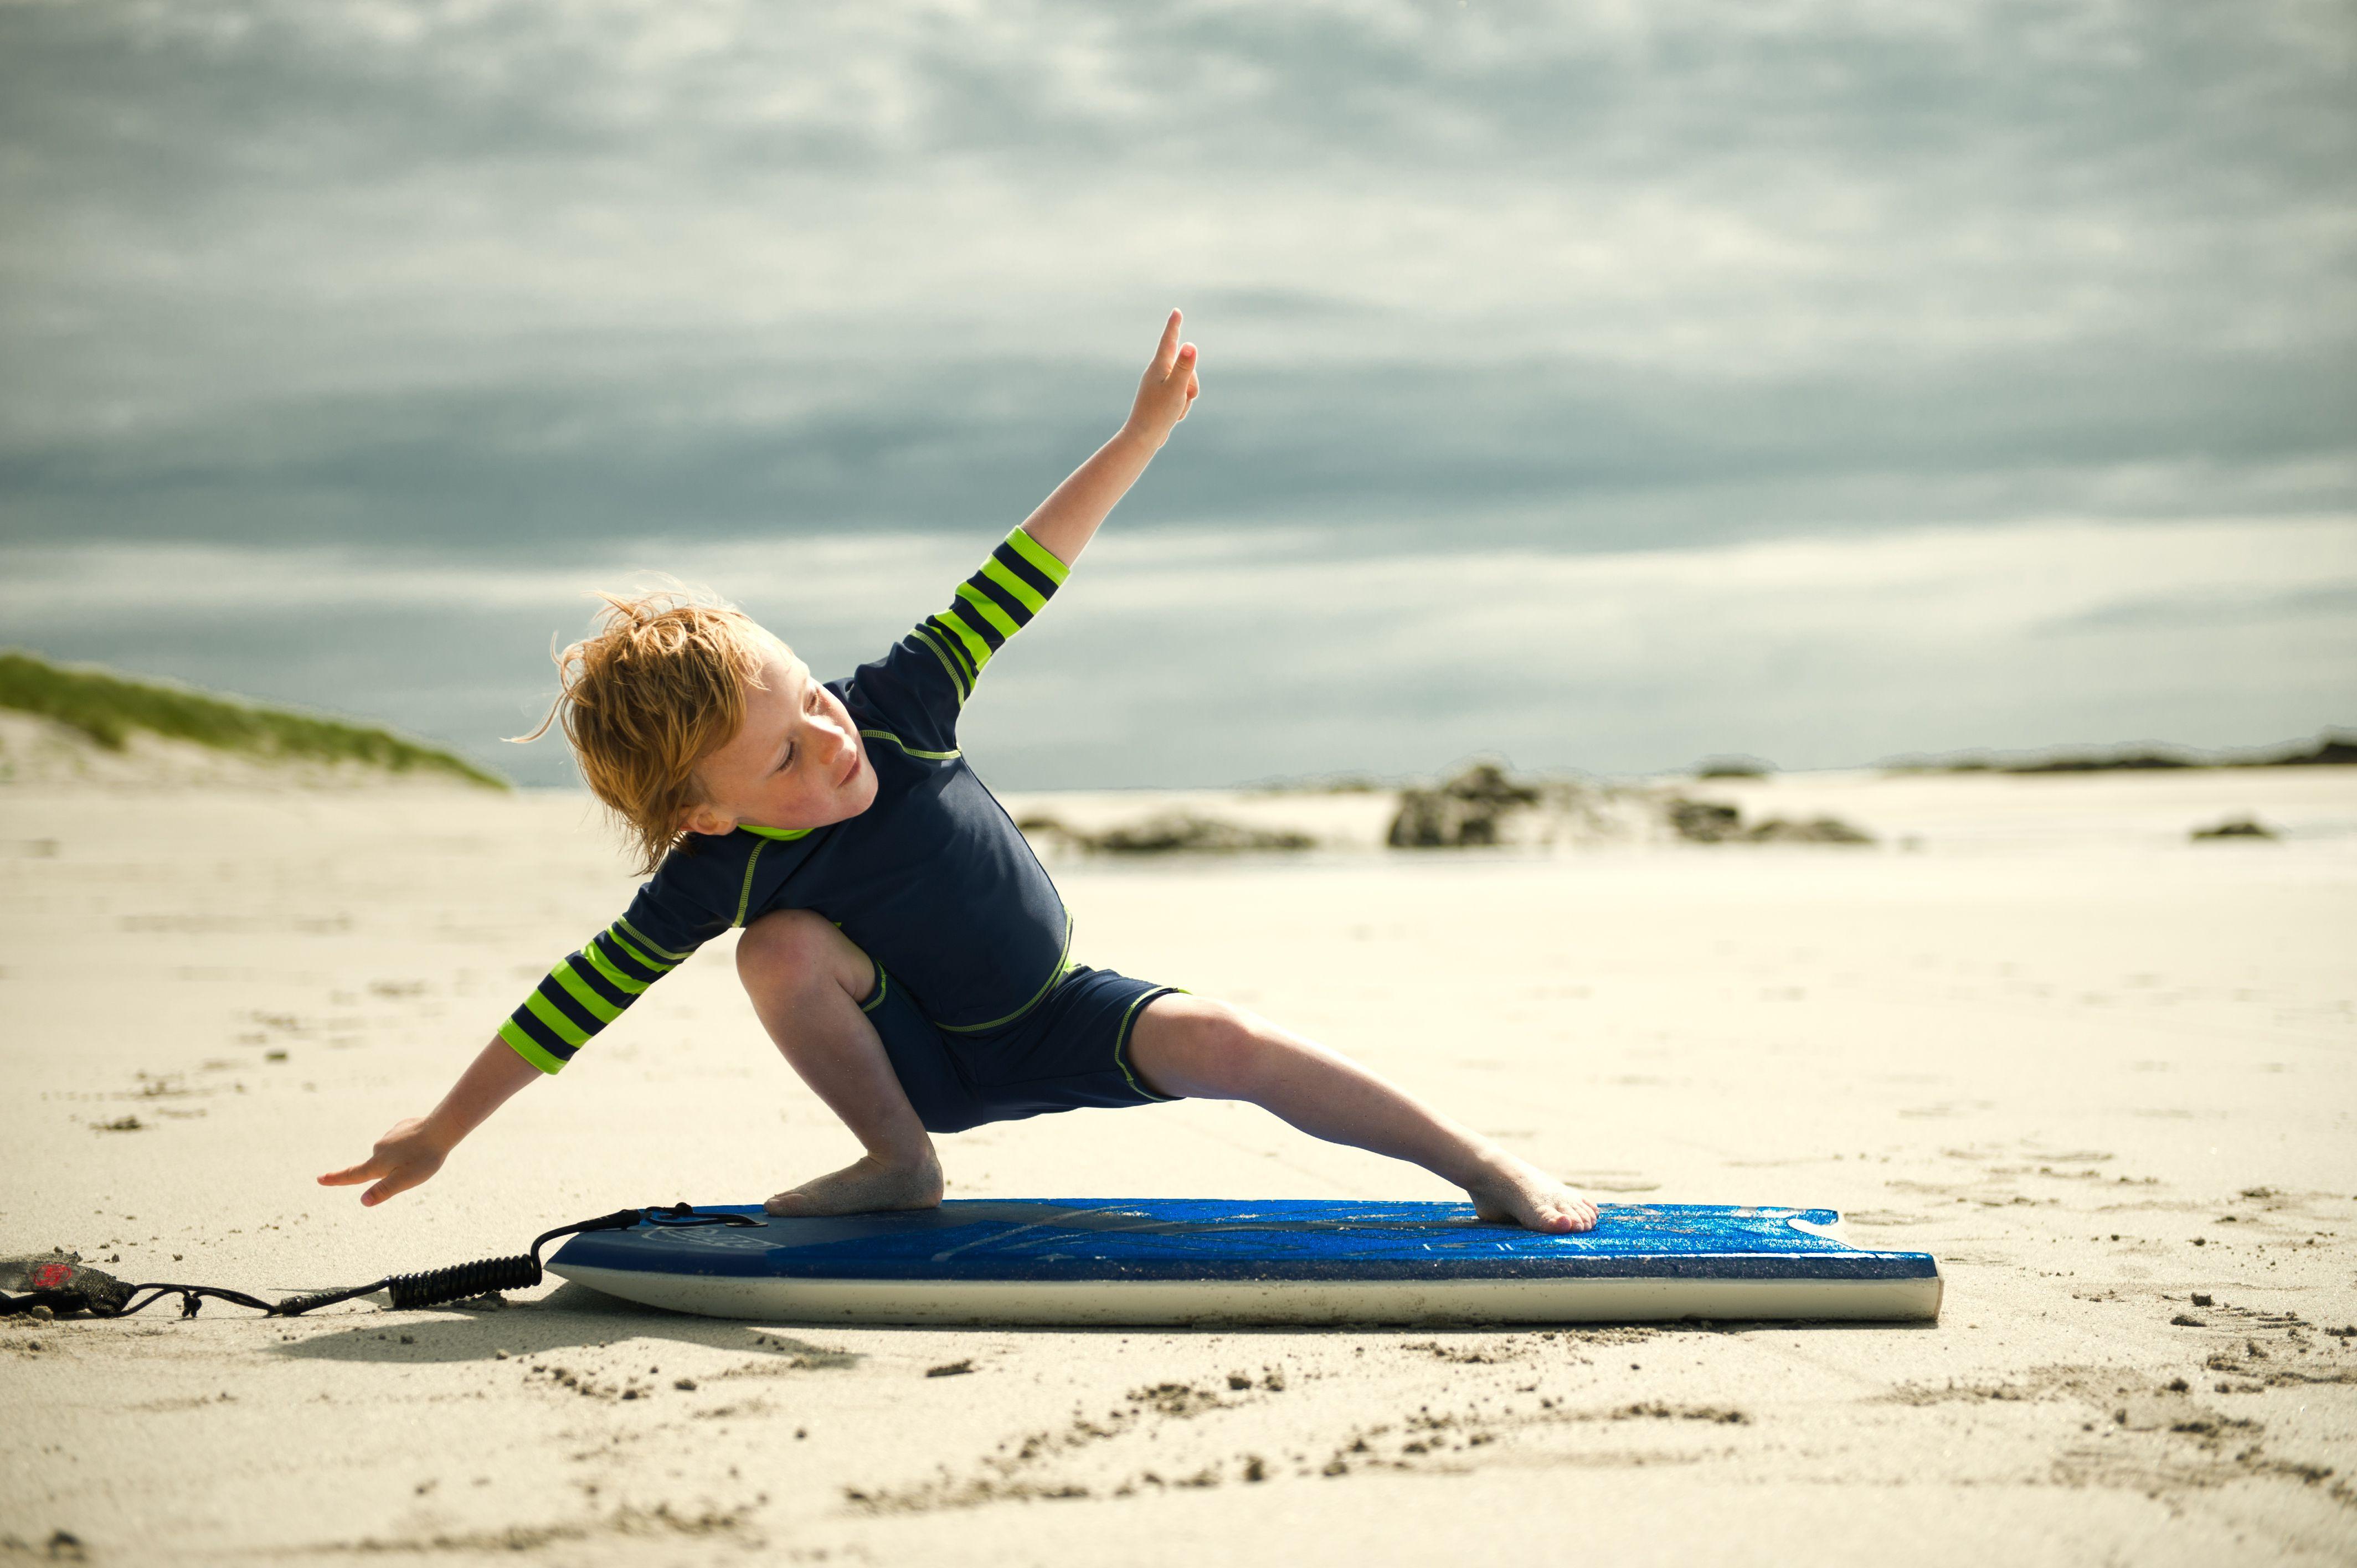 Little Boy Beach surfing